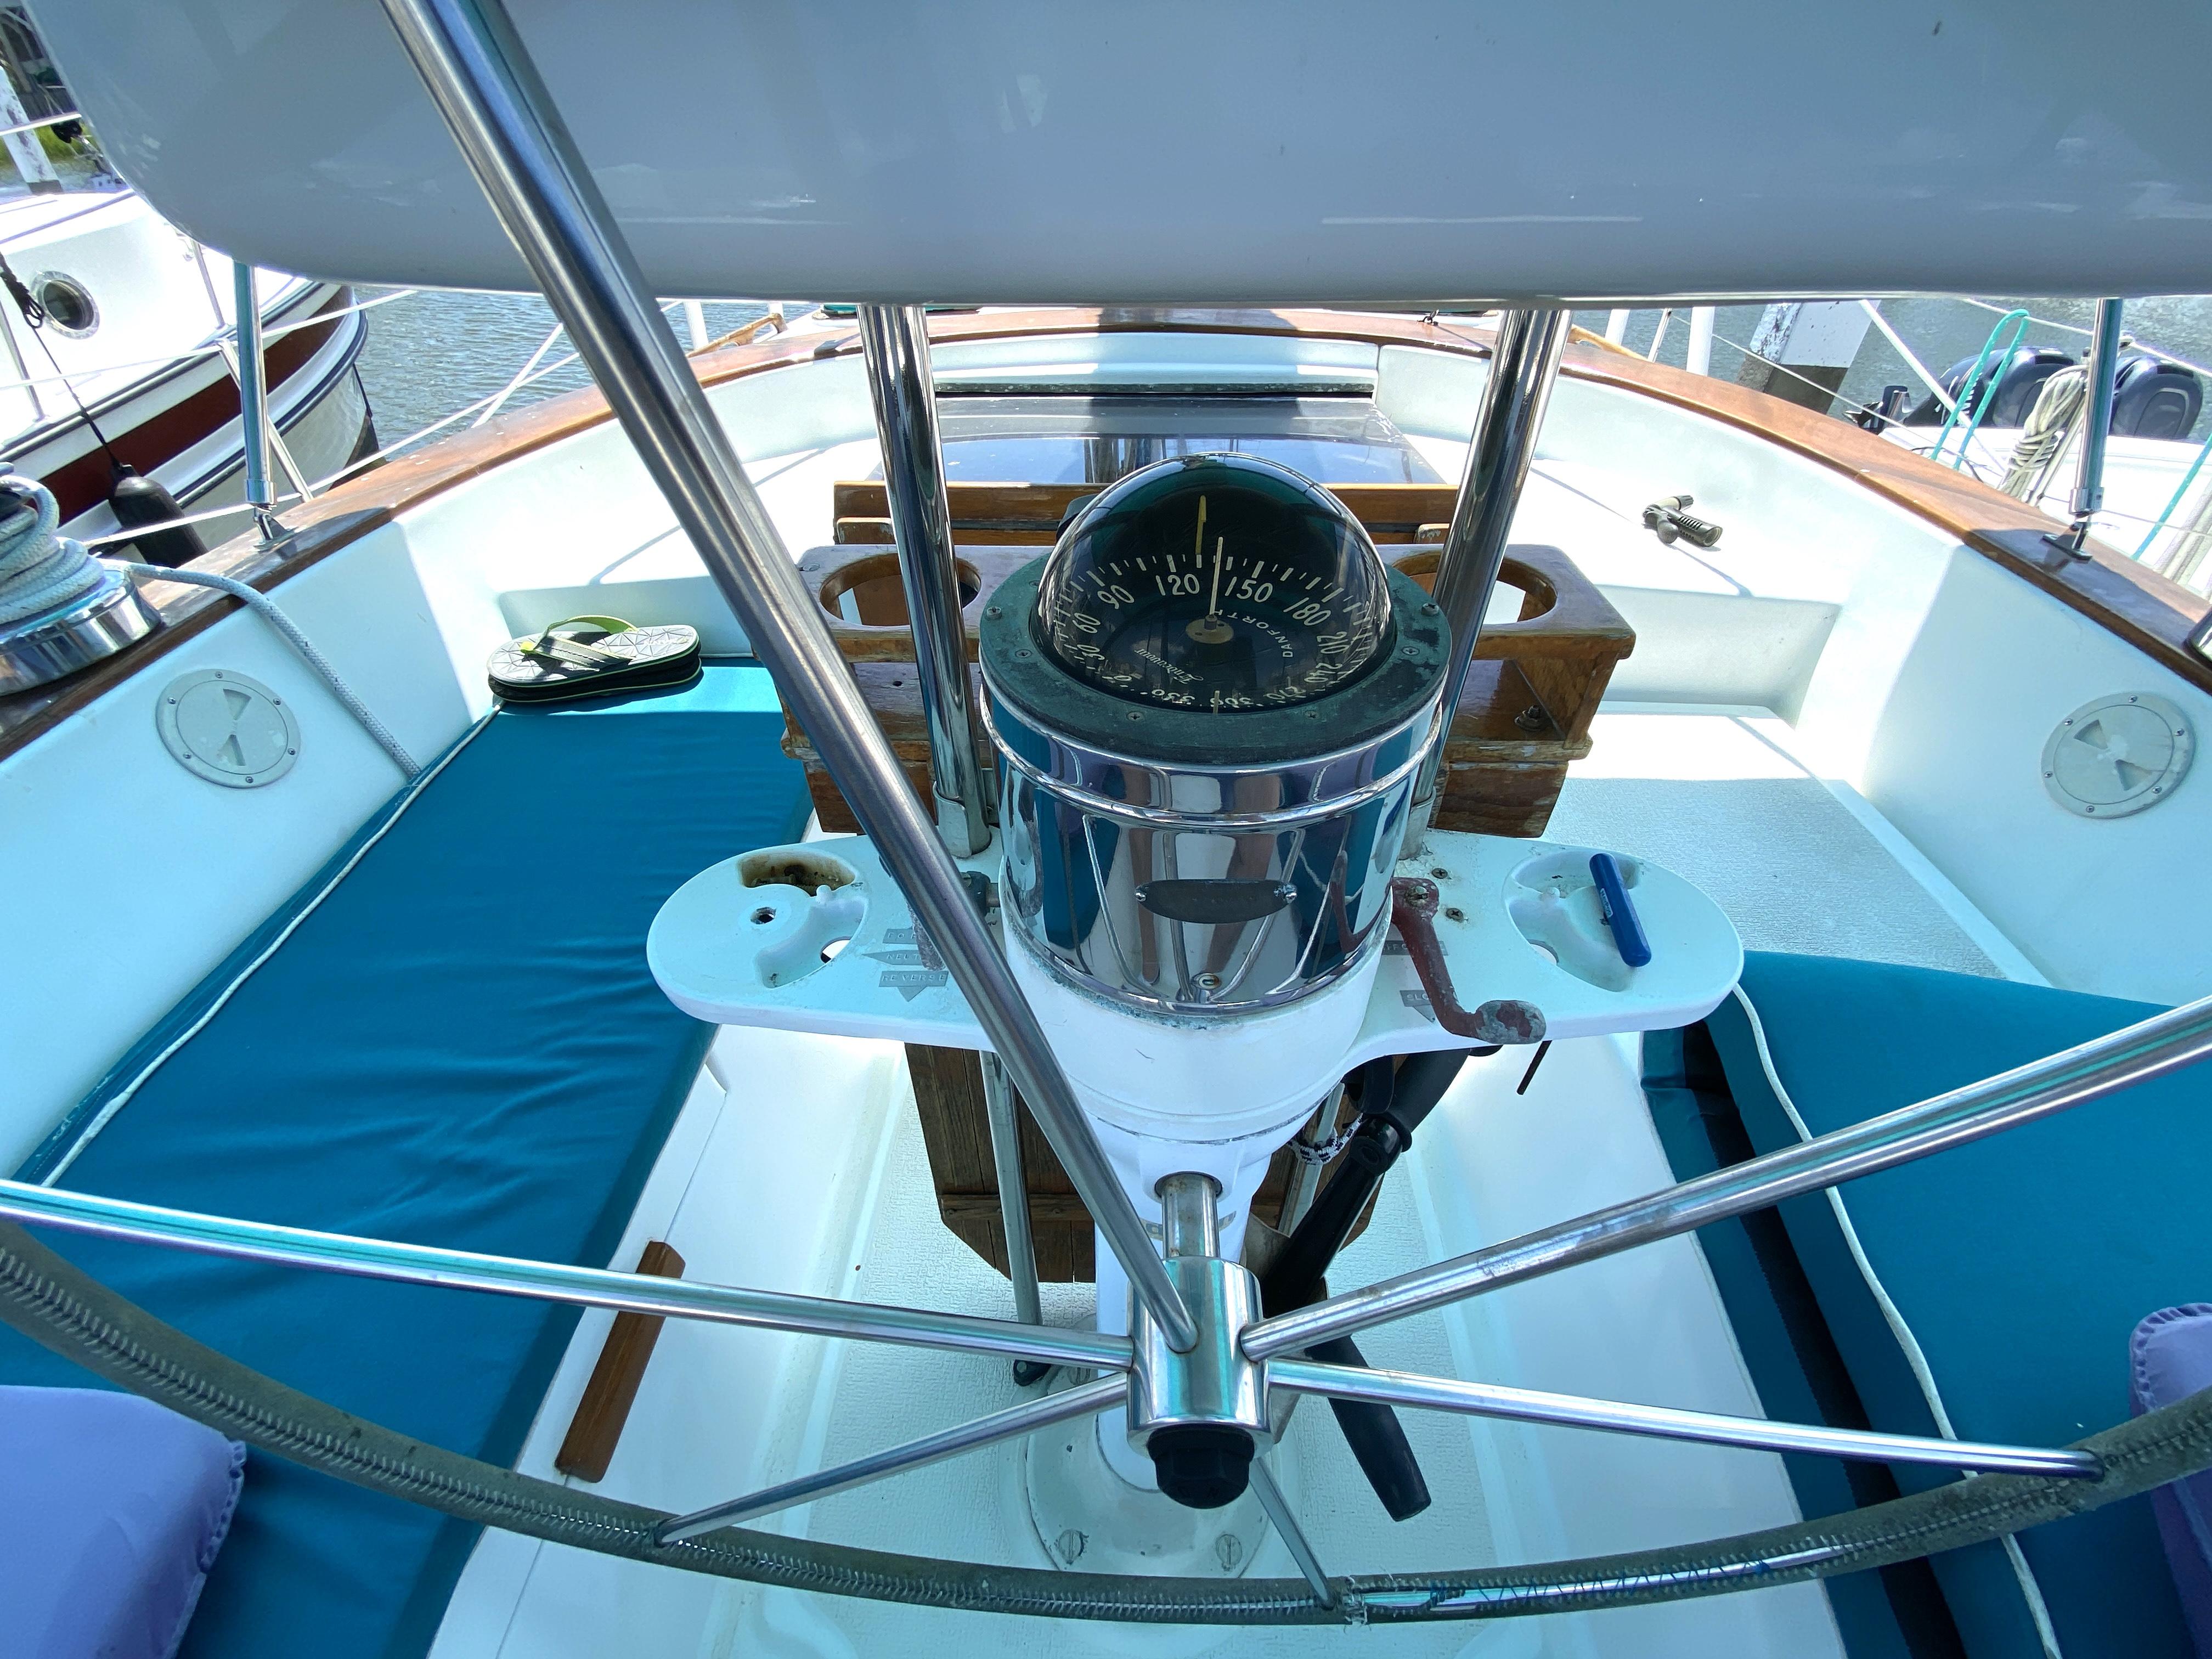 Endeavour 40 Center Cockpit - cockpit wheel and compass